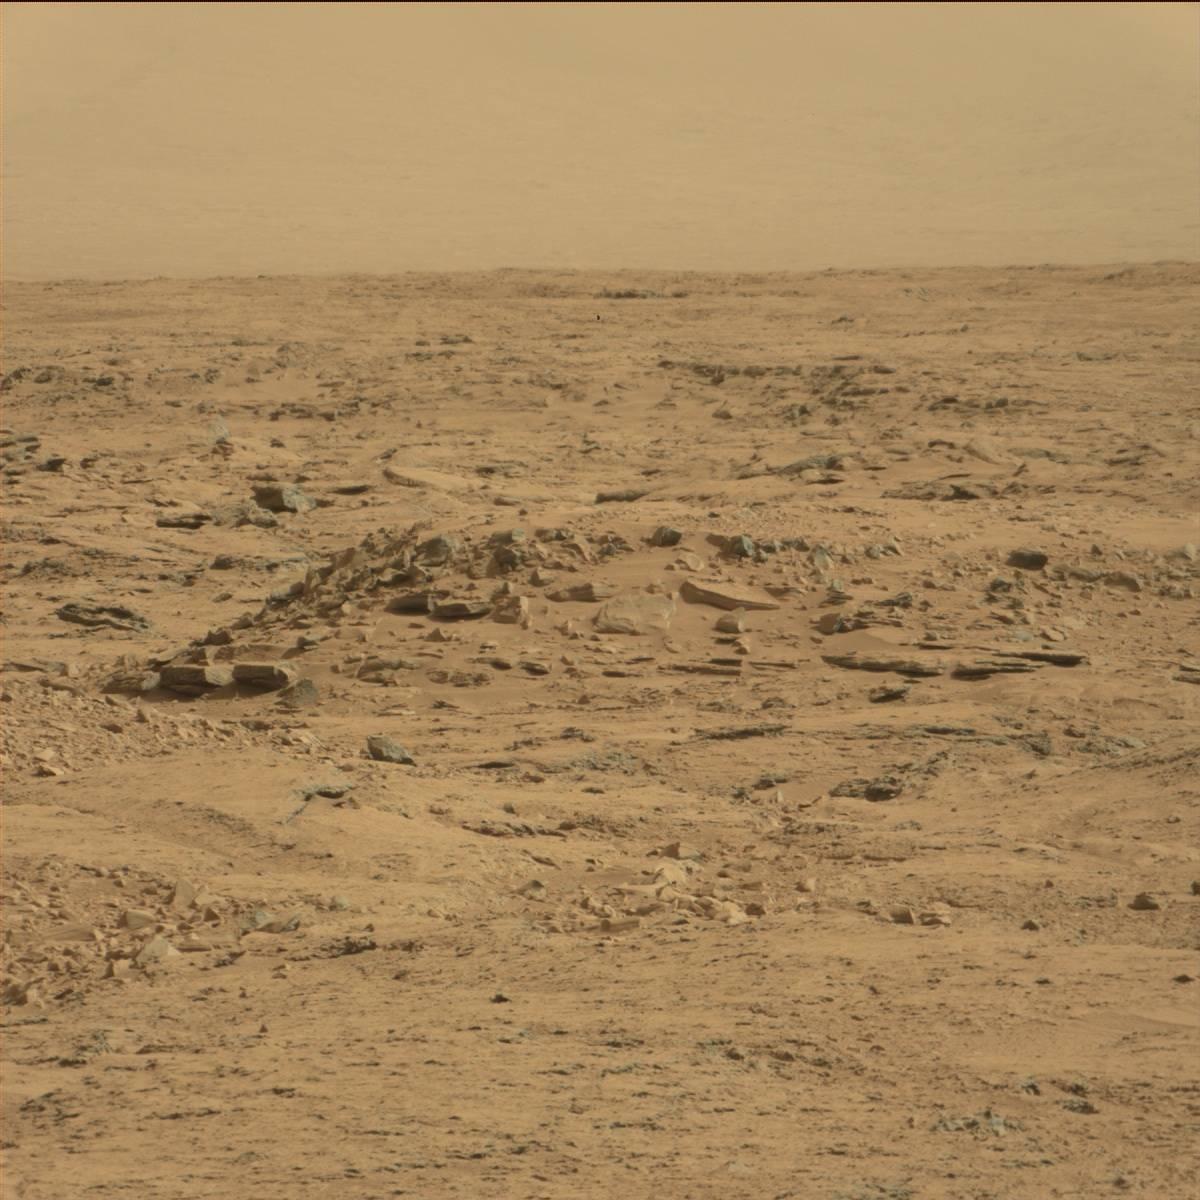 L'immagine originale all'interno della quale la NASA ha tentato di nascondere le prove dell'esistenza degli alieni (Fonte: http://mars.jpl.nasa.gov/)